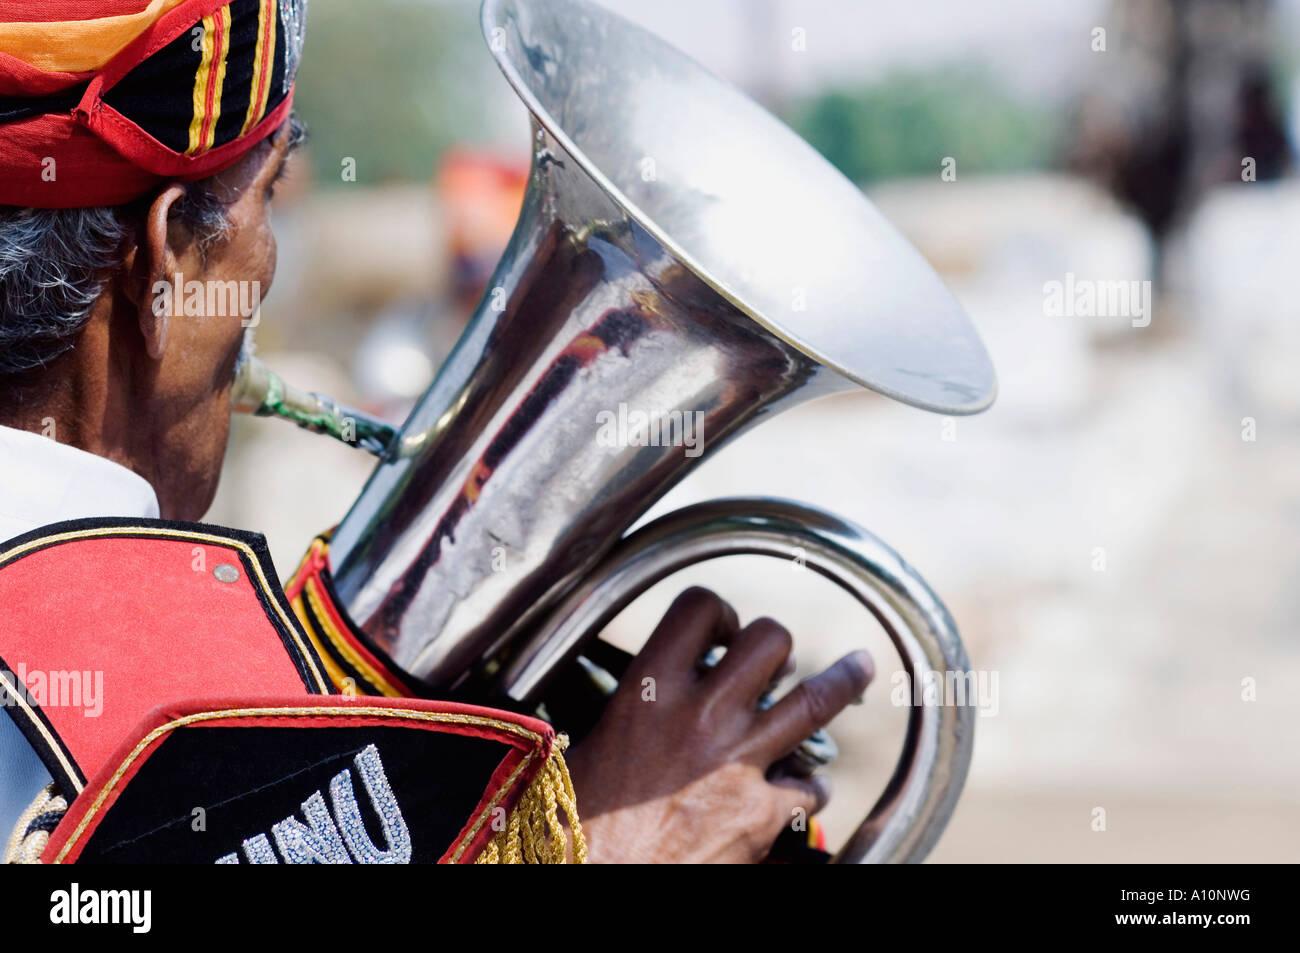 Vue arrière d'un homme jouant du tuba, Jaipur, Rajasthan, Inde Banque D'Images